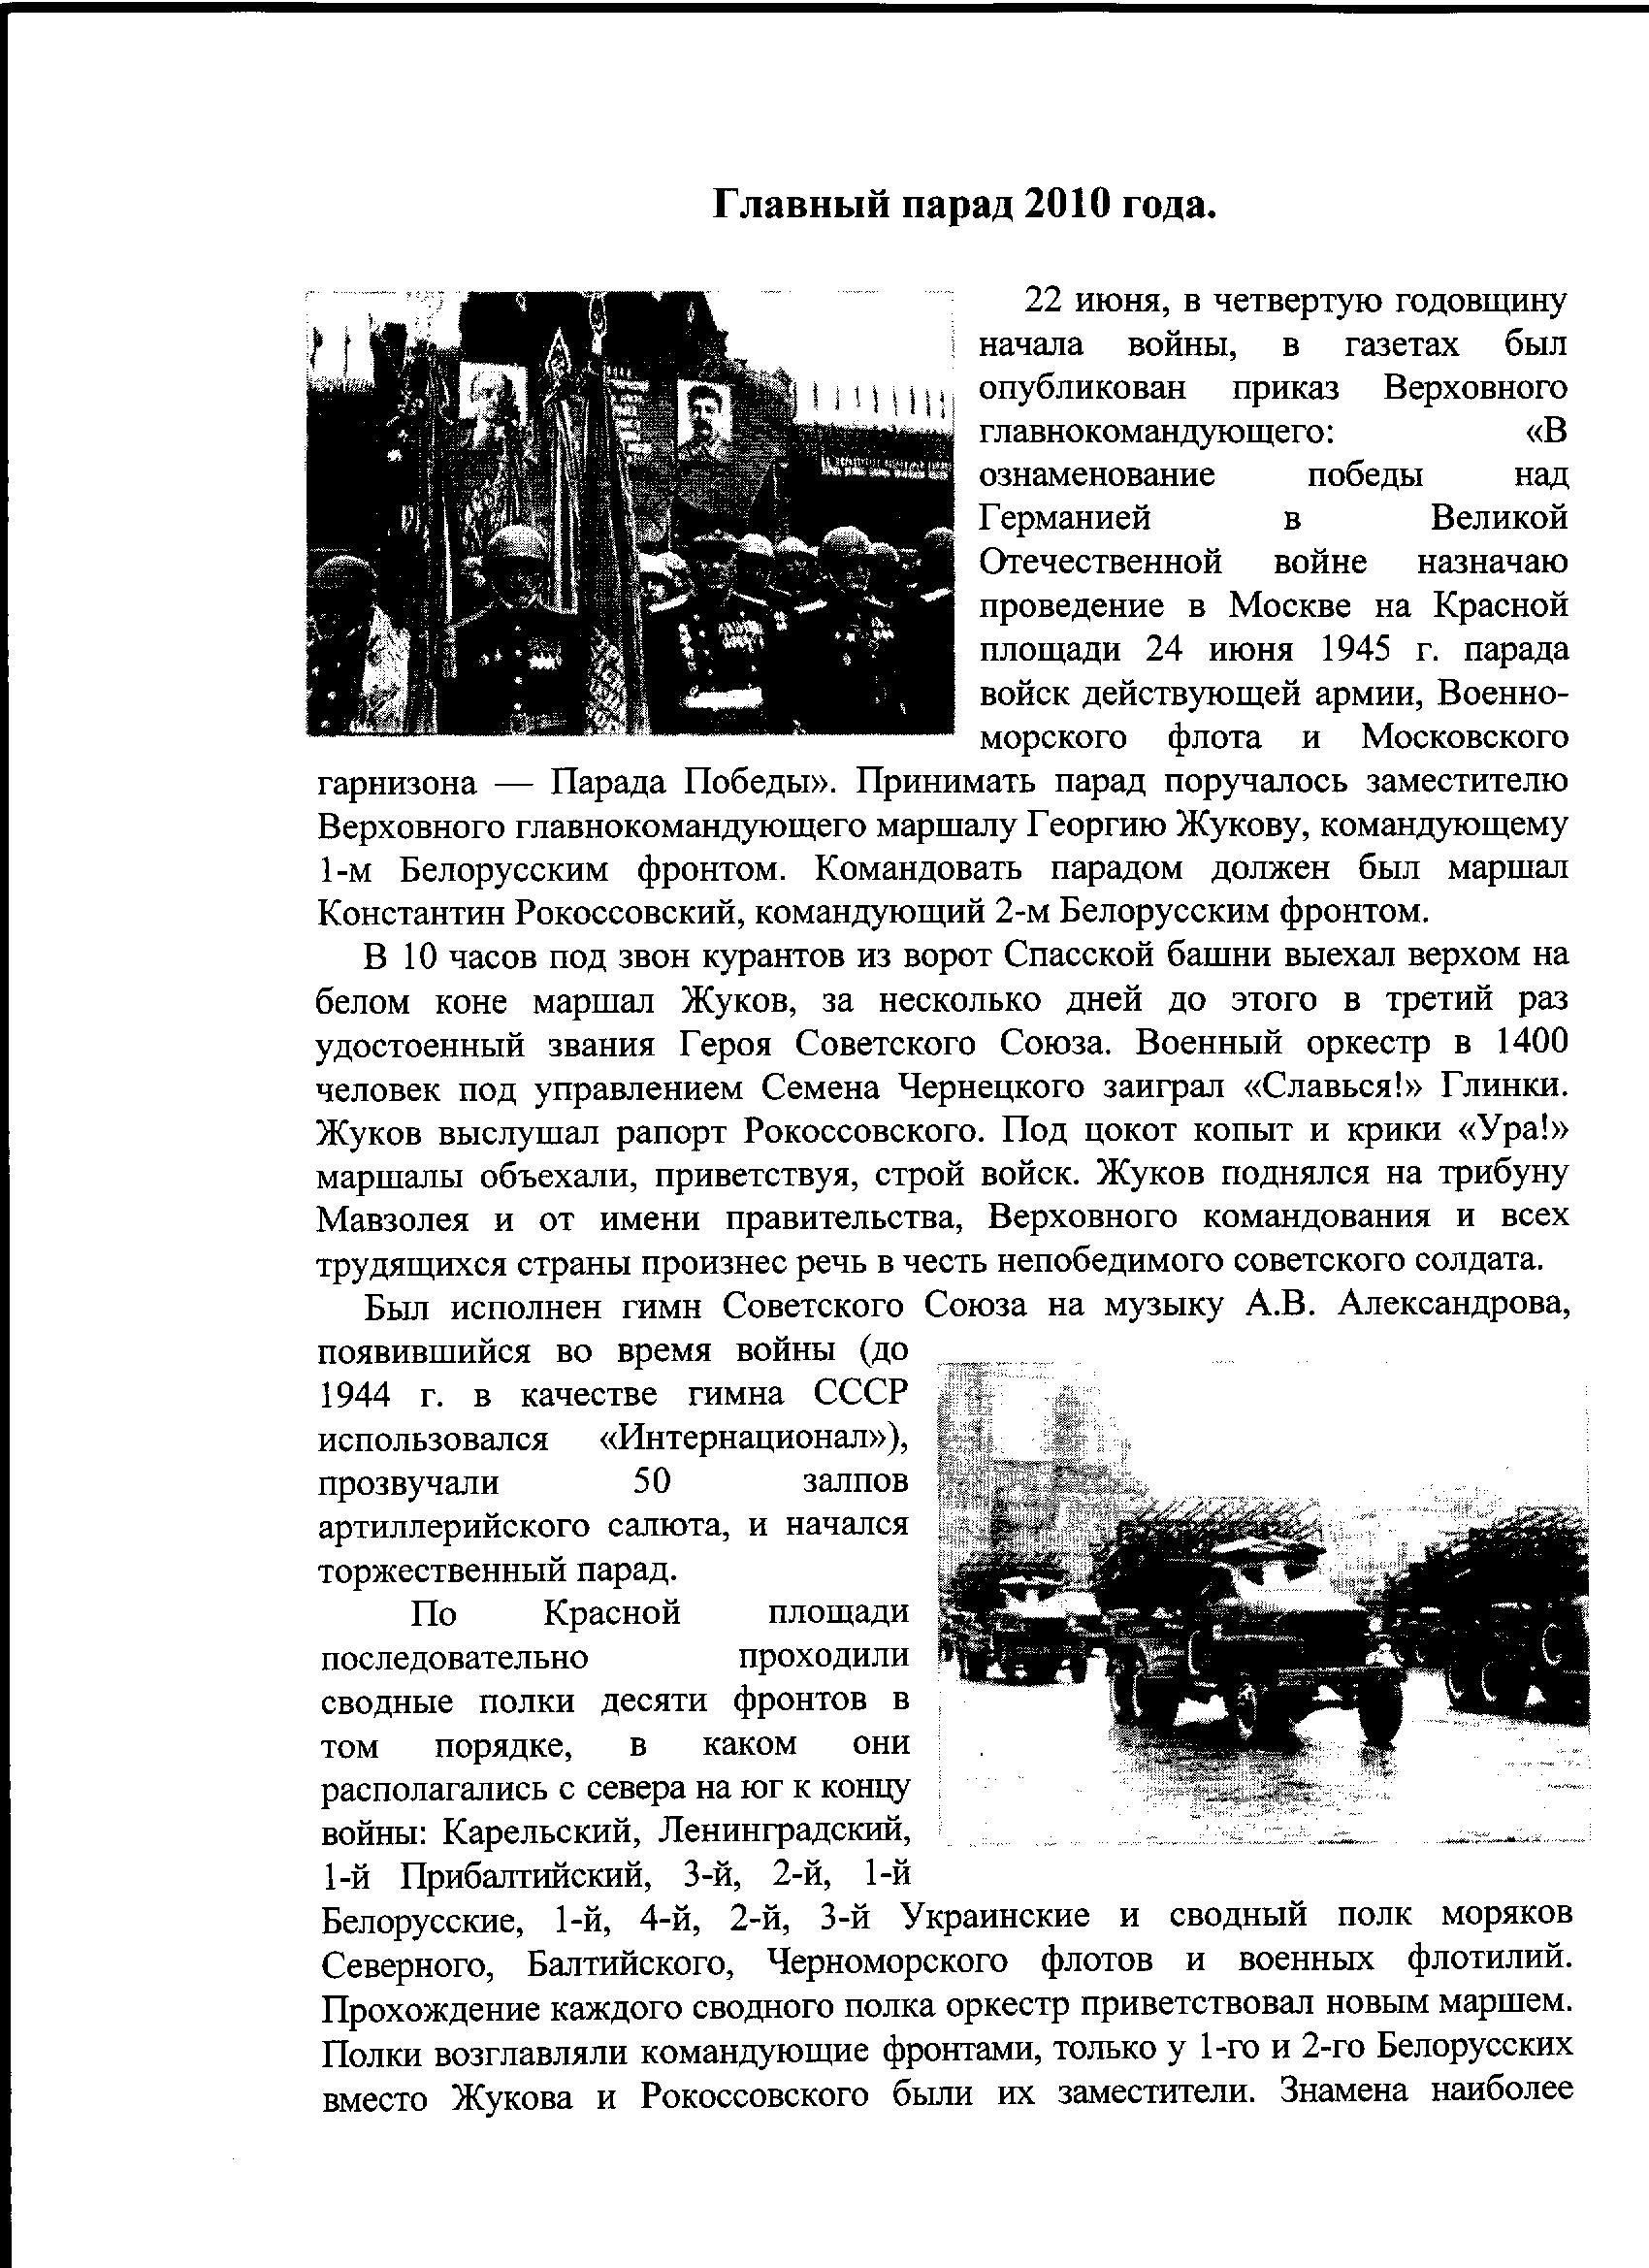 C:\Documents and Settings\Николай\Мои документы\Мои рисунки\Парадя папка\Парад1.bmp